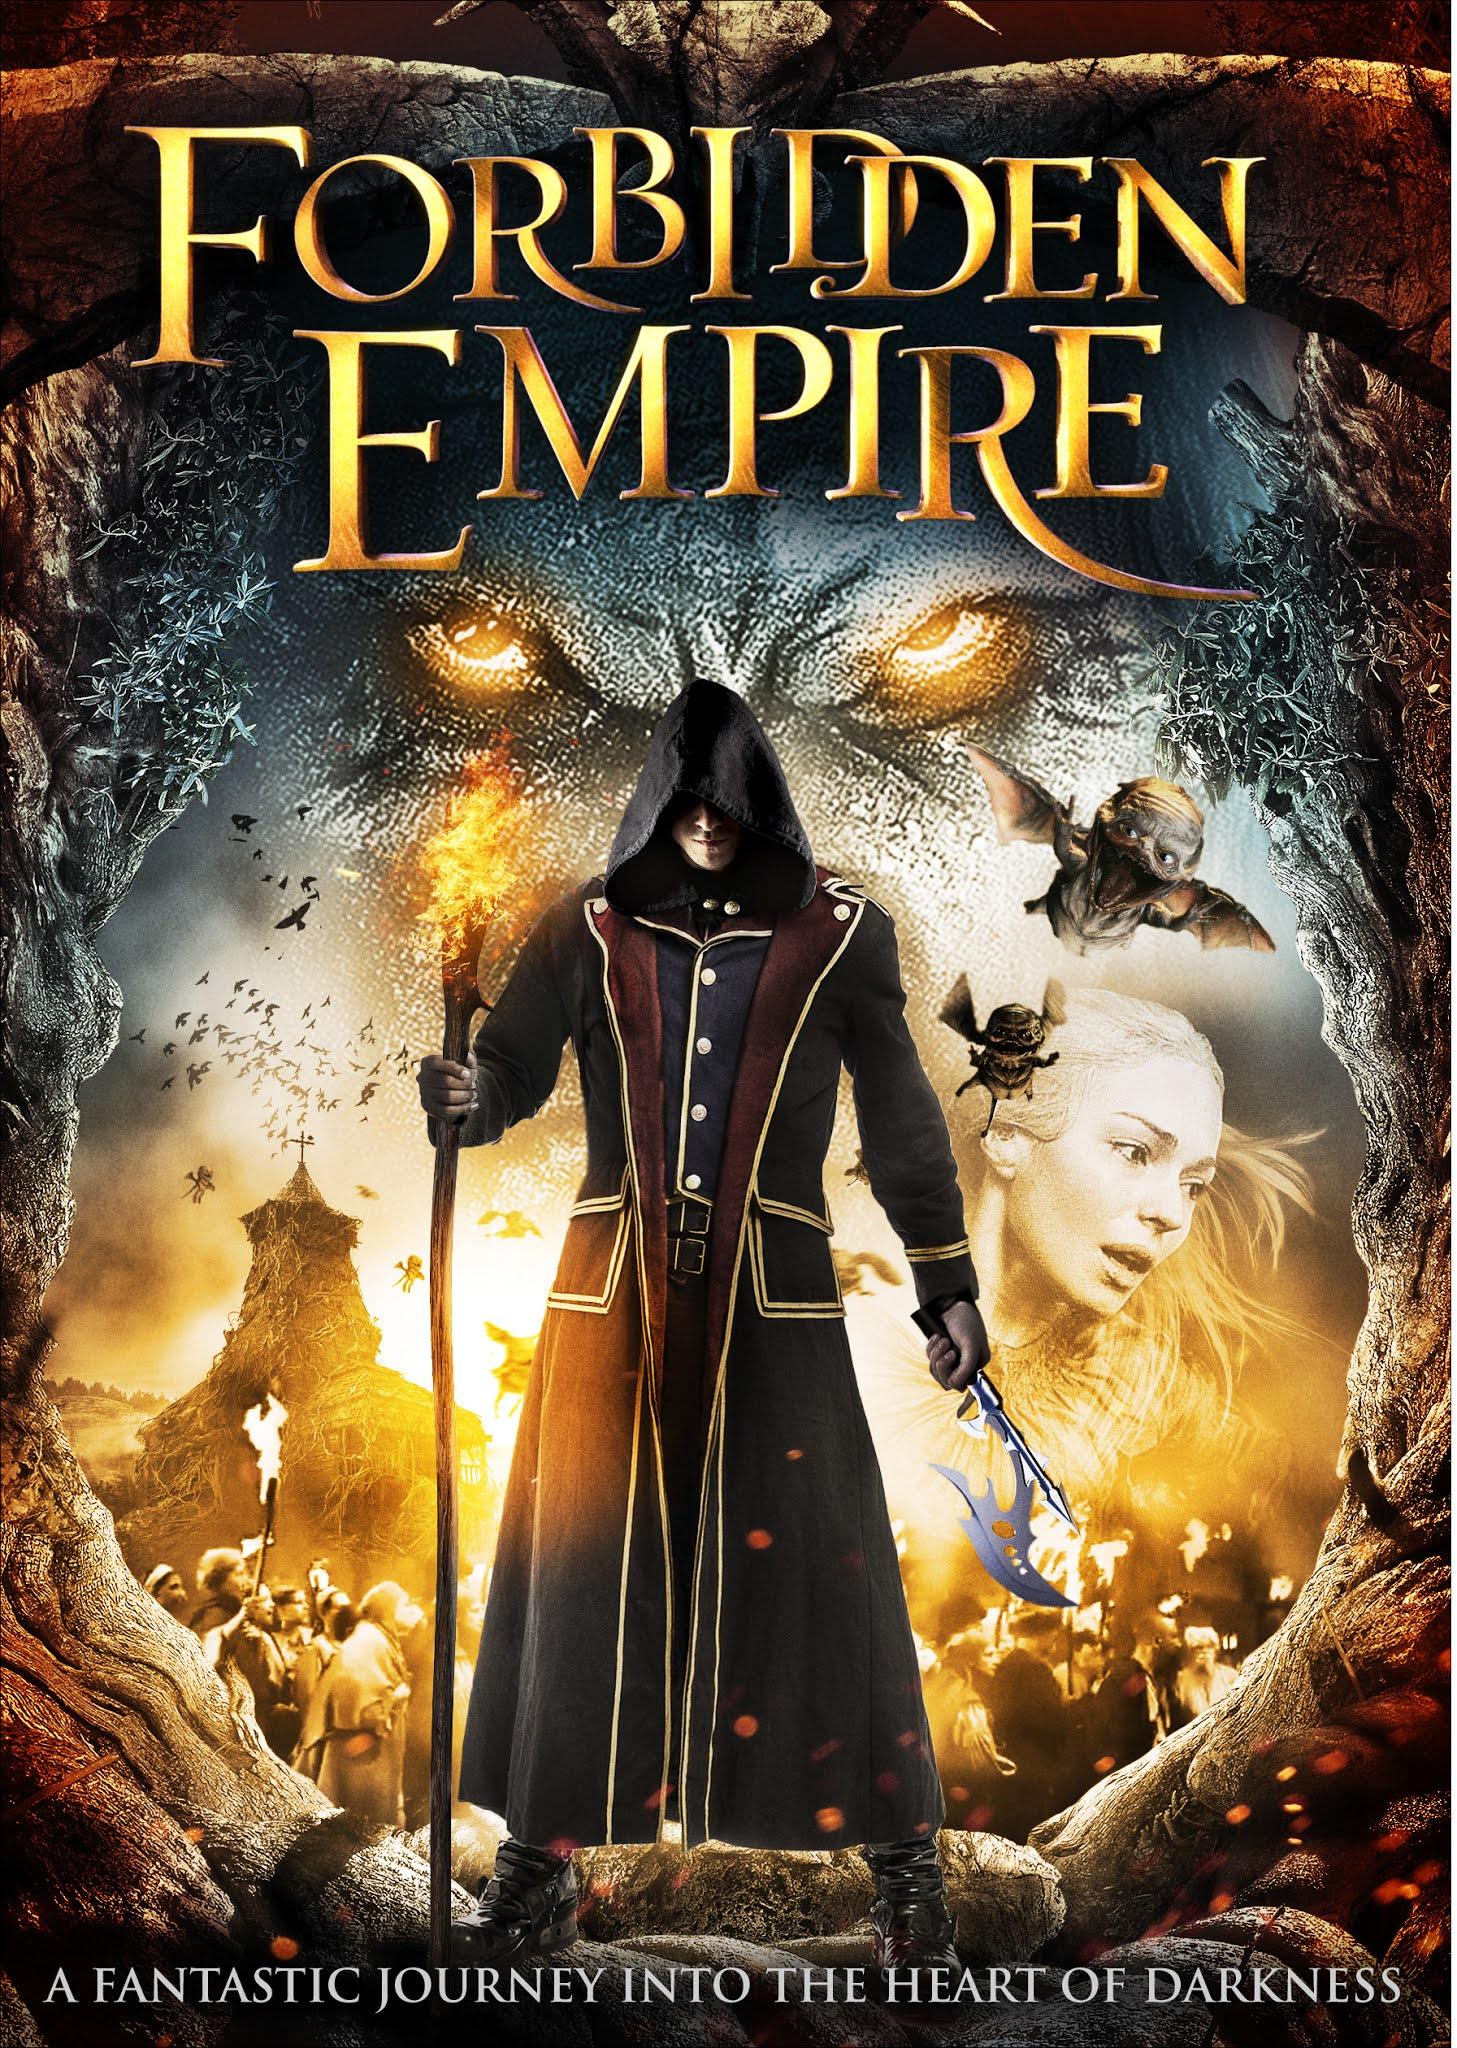 Baixar Império Proibido Torrent Dublado BluRay 720p/1080p